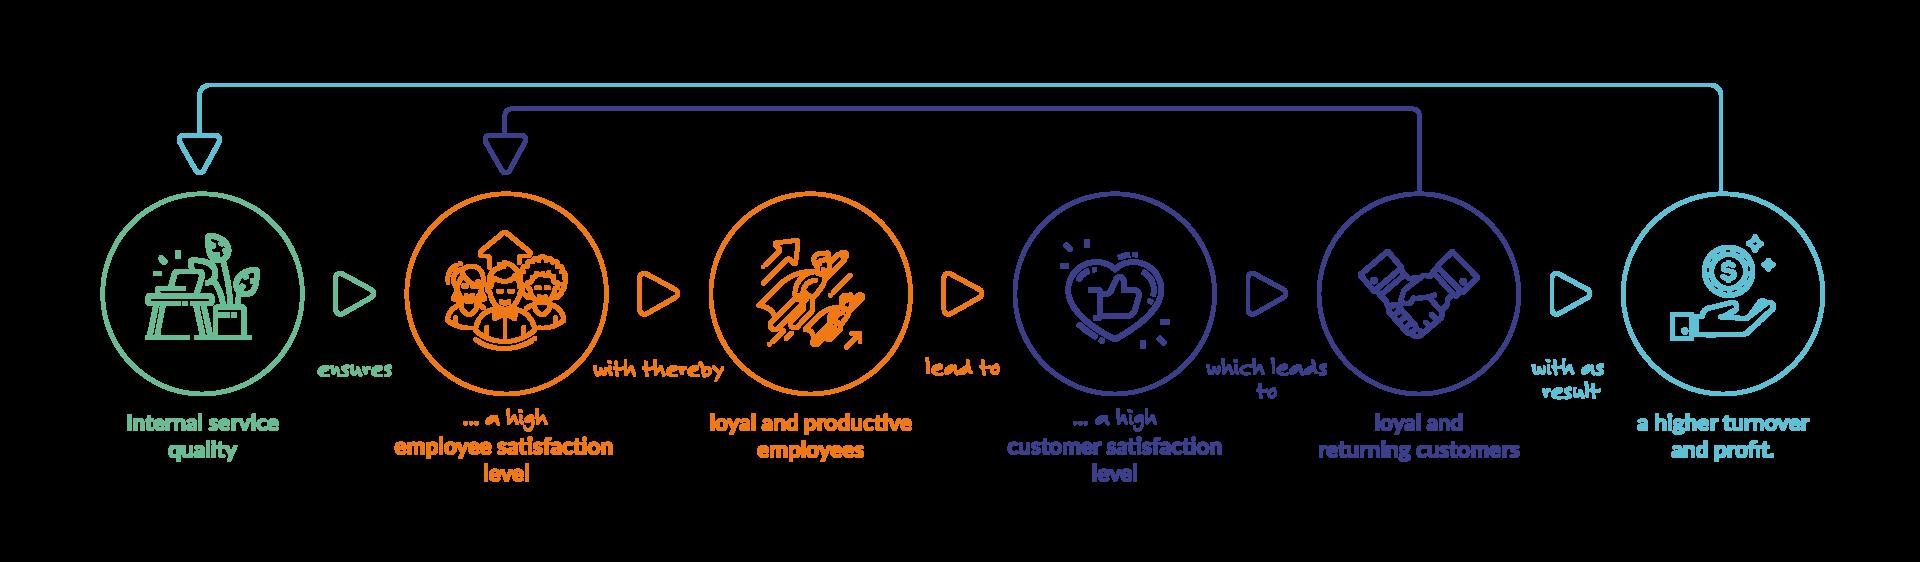 Integron_service-profit-chain-model_EN